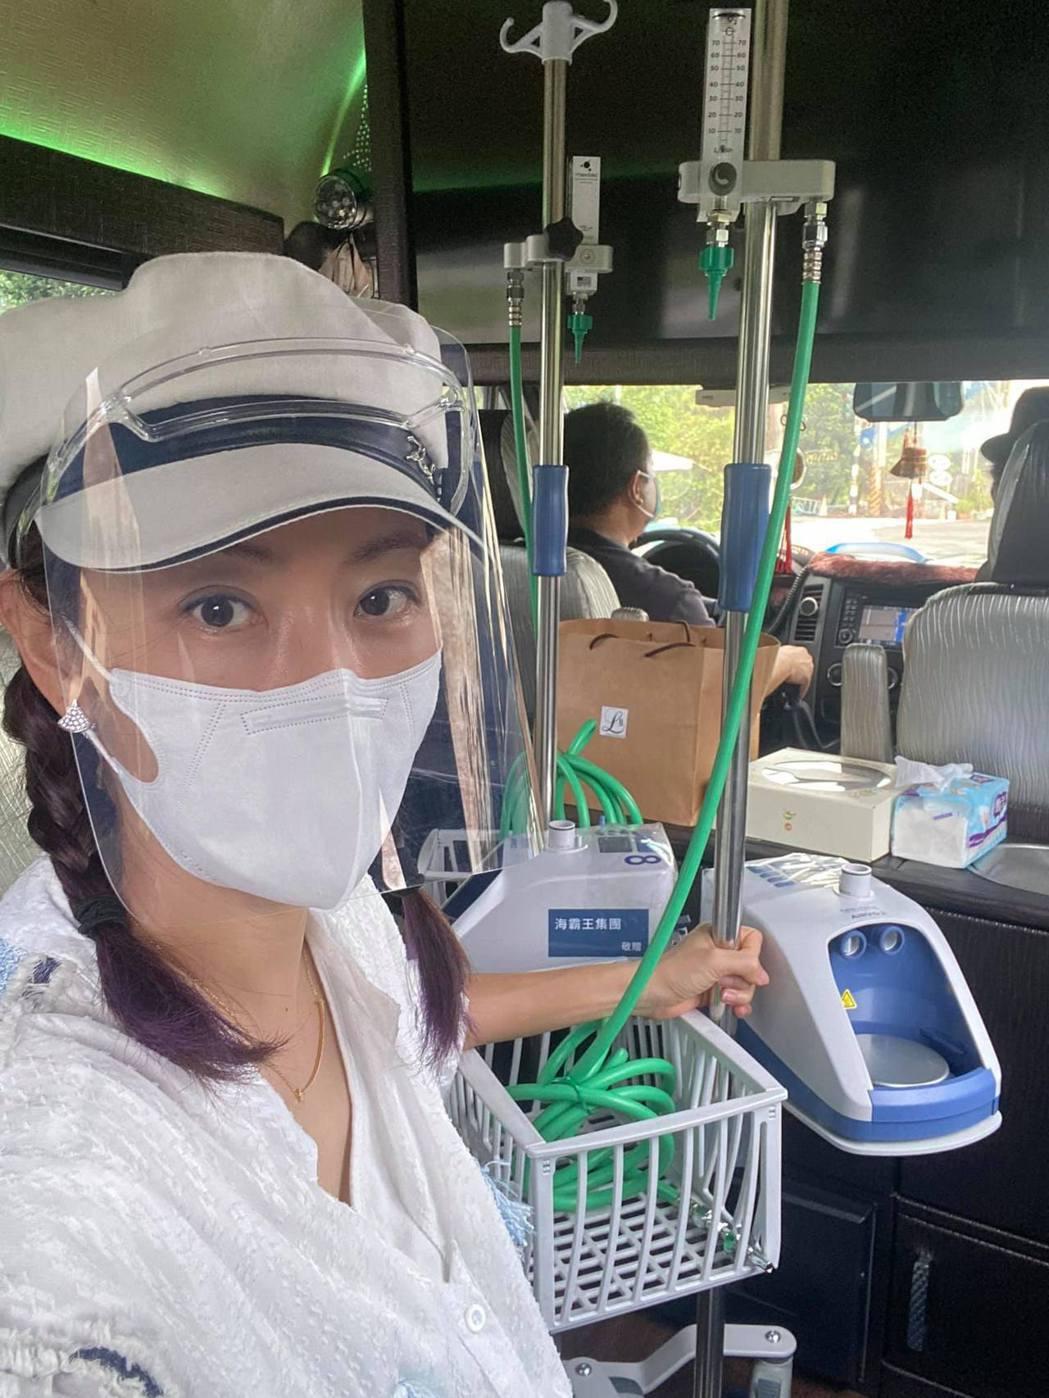 賈永婕今勇闖屏東,暖送醫療物資給第一線醫療人員。圖/摘自臉書